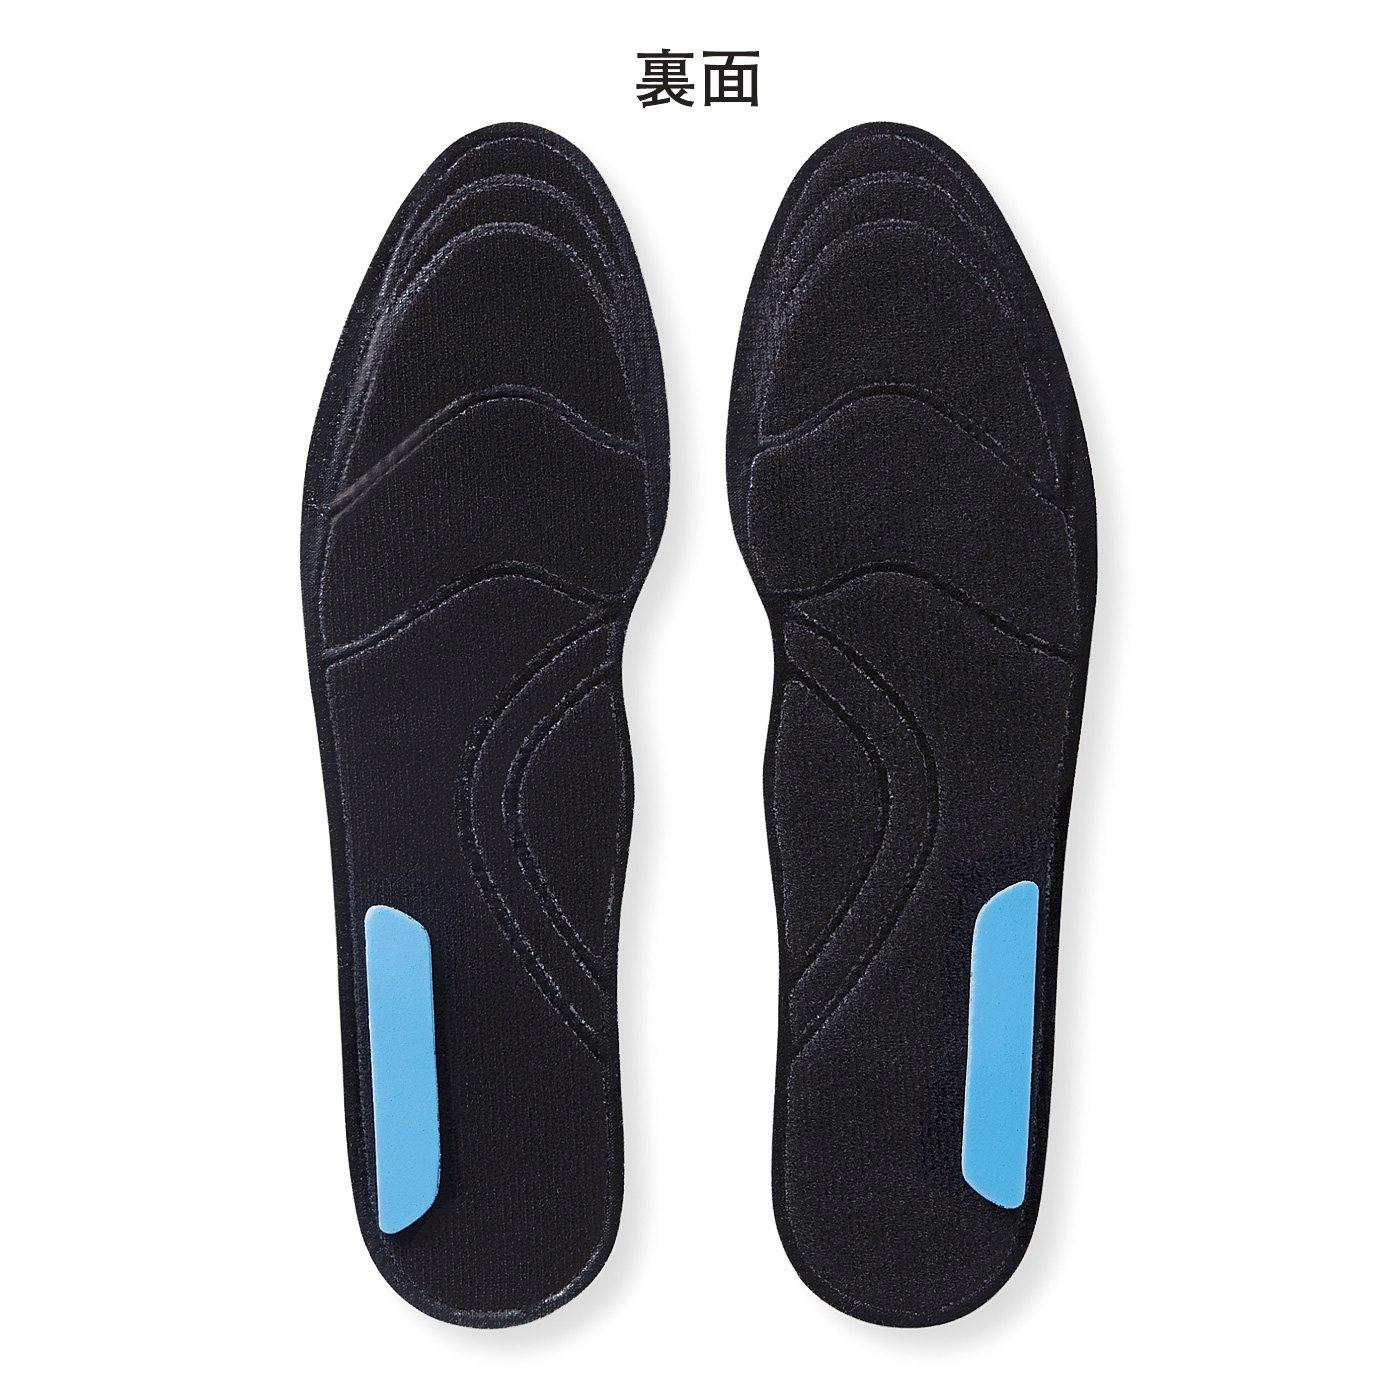 片減り対策:クッションの位置を変えて傾斜をつけることで靴底の外減り、内減りを防ぎます。